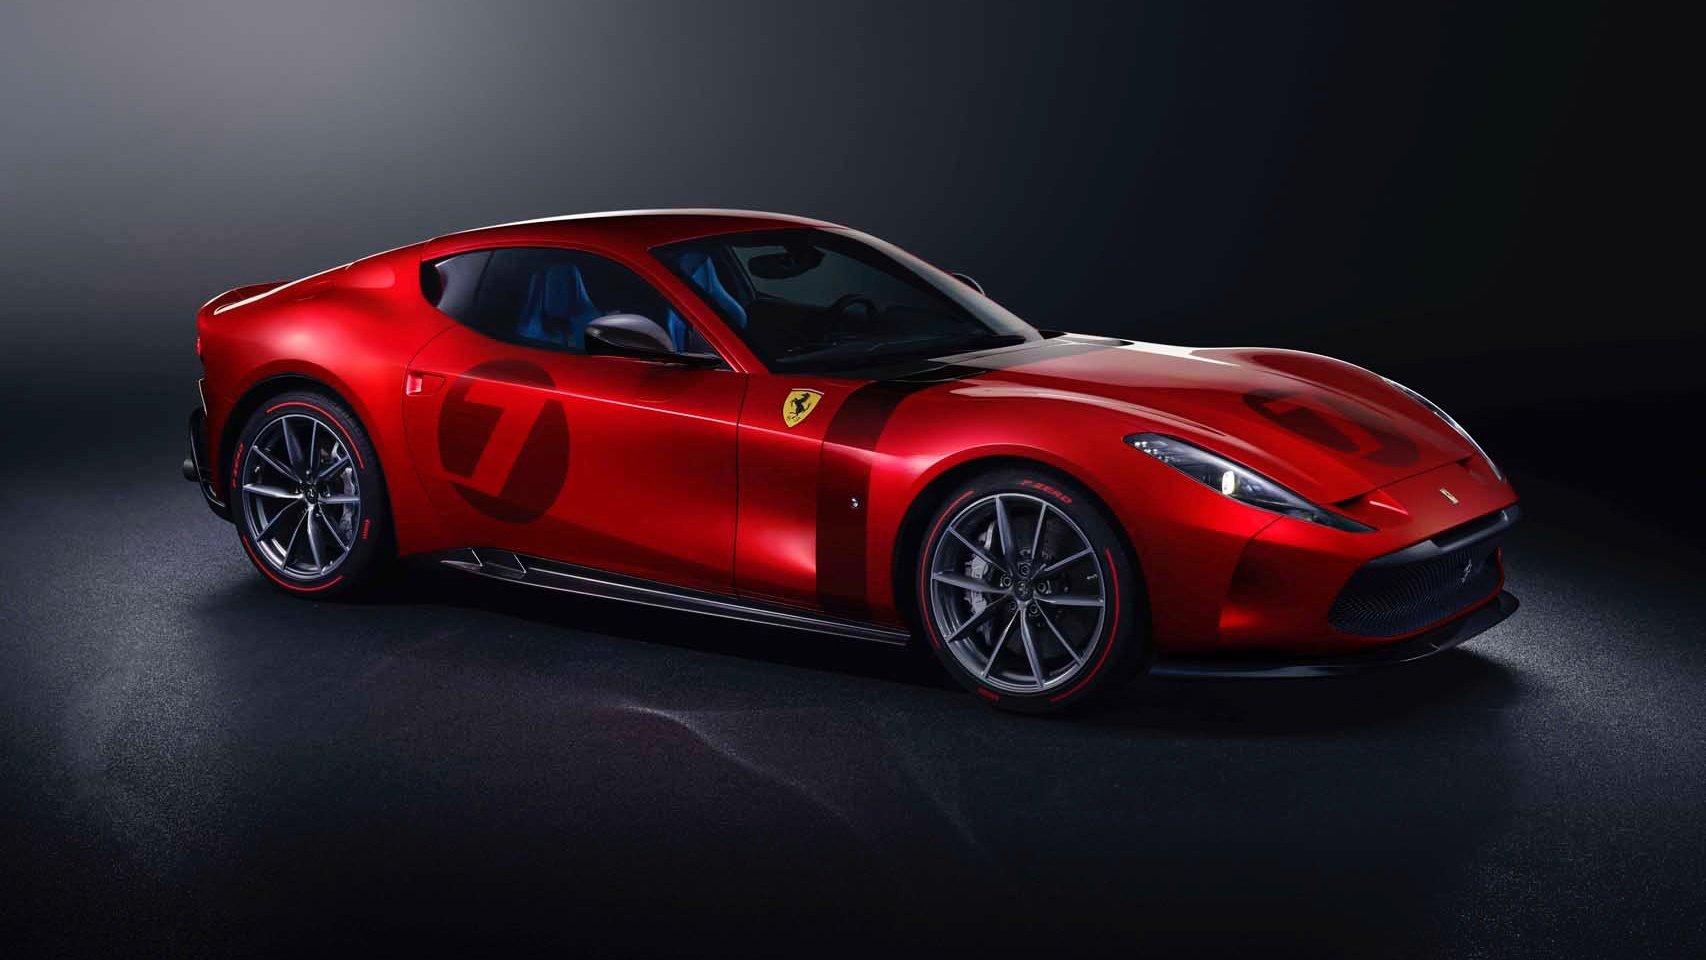 Ferrari trình làng siêu phẩm chỉ có 1 chiếc duy nhất trên thế giới, sử dụng động cơ V12